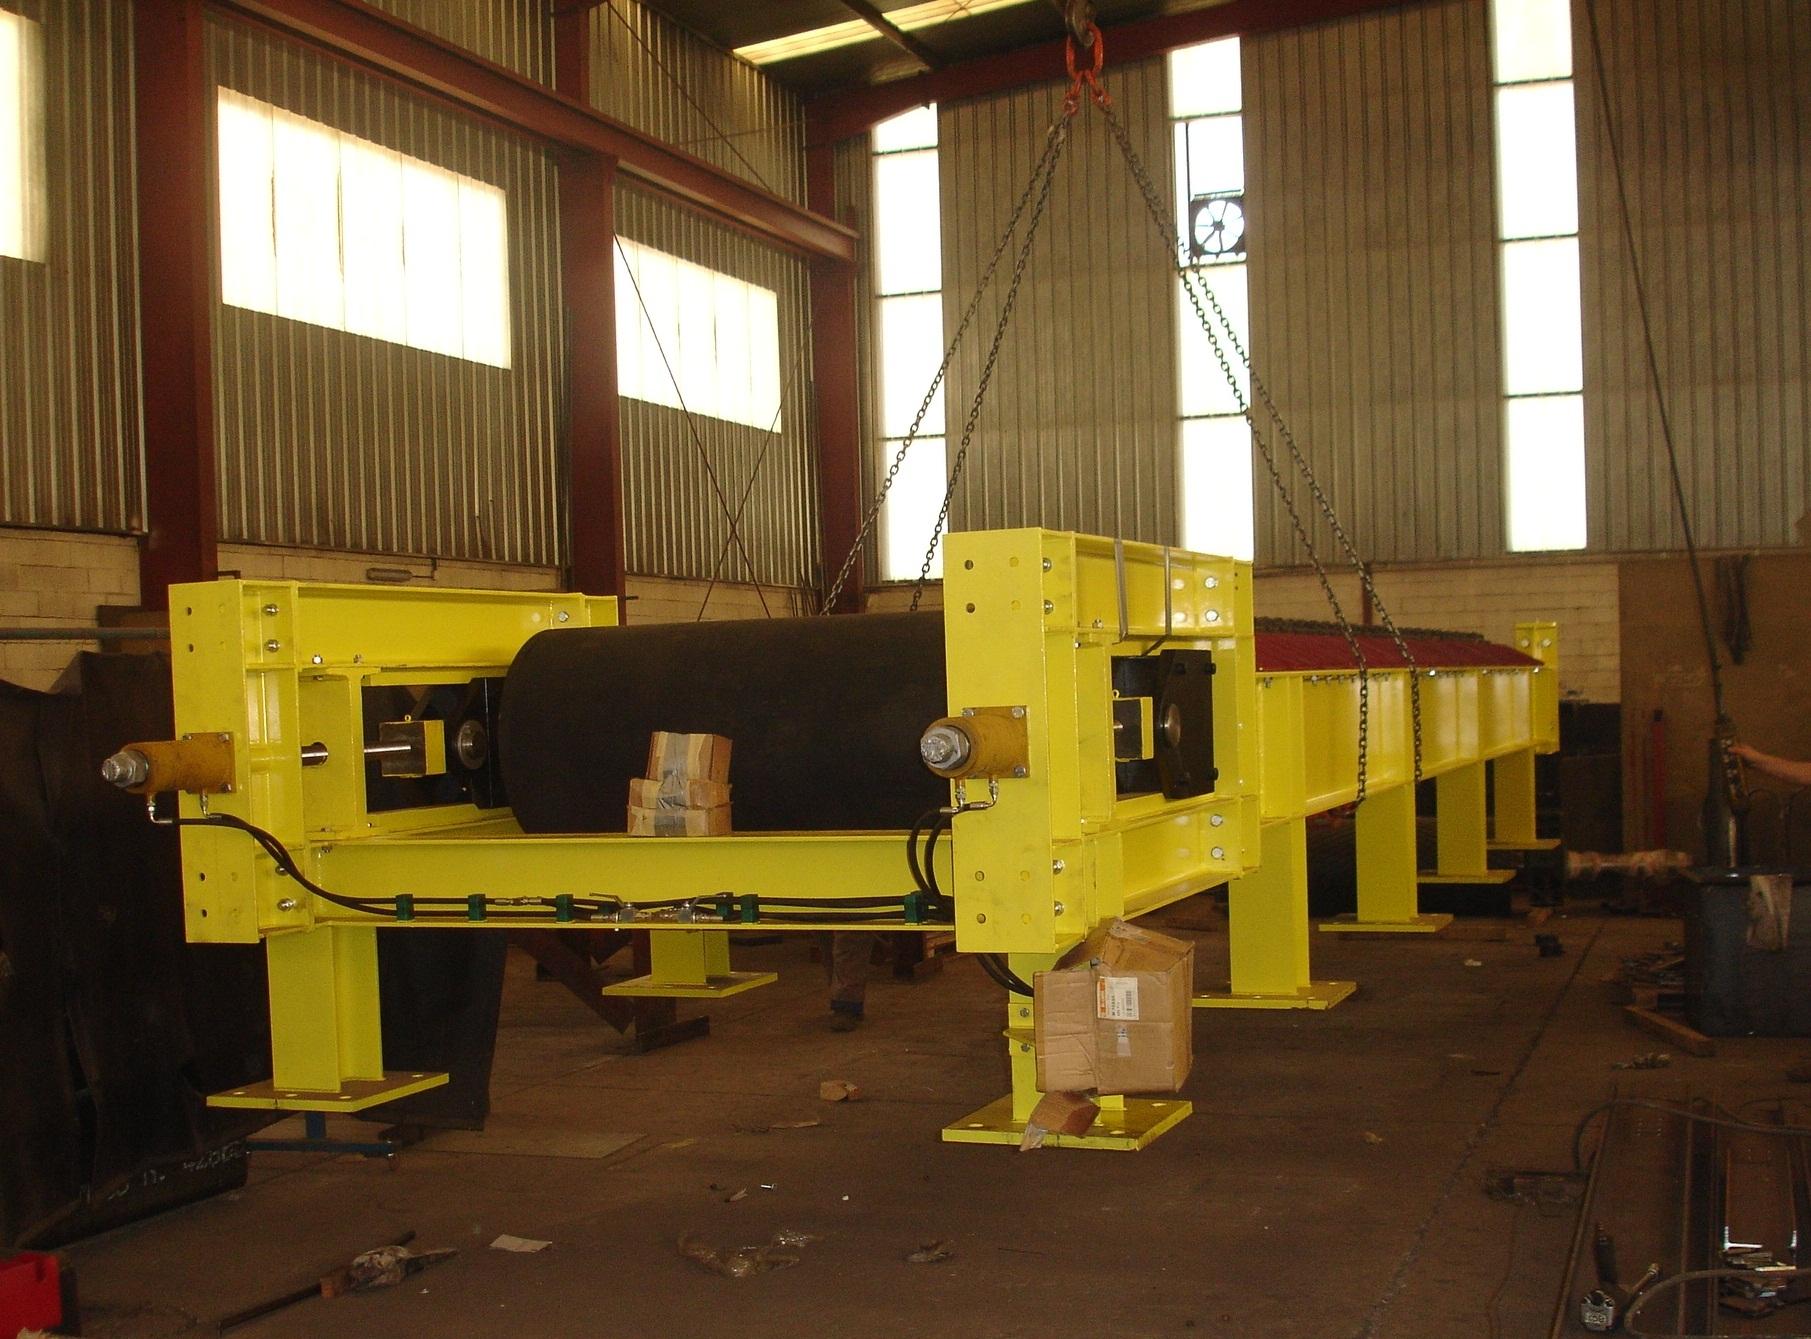 Cintr transportadora para Central Térmica de Compostilla II (Cubillos del Sil, León, España)